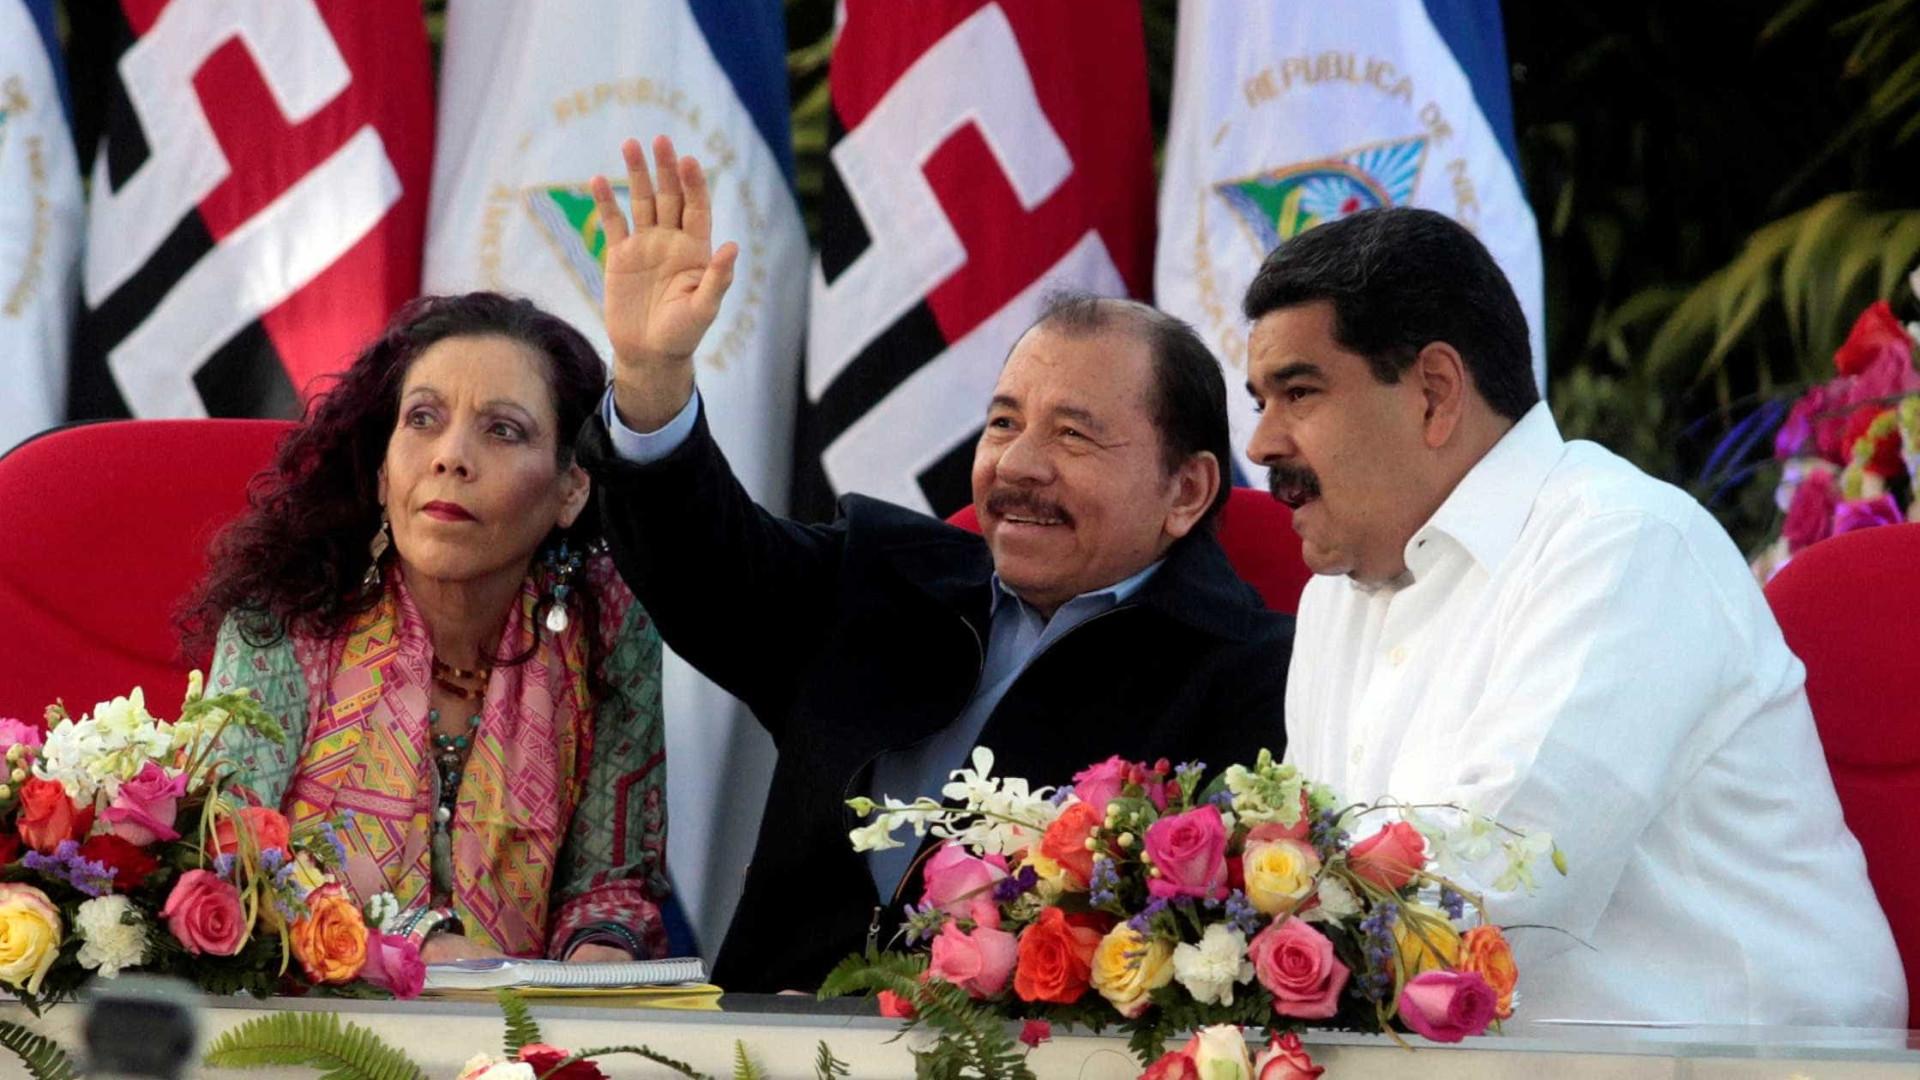 Daniel Ortega assume 4º mandato  como presidente da Nicarágua